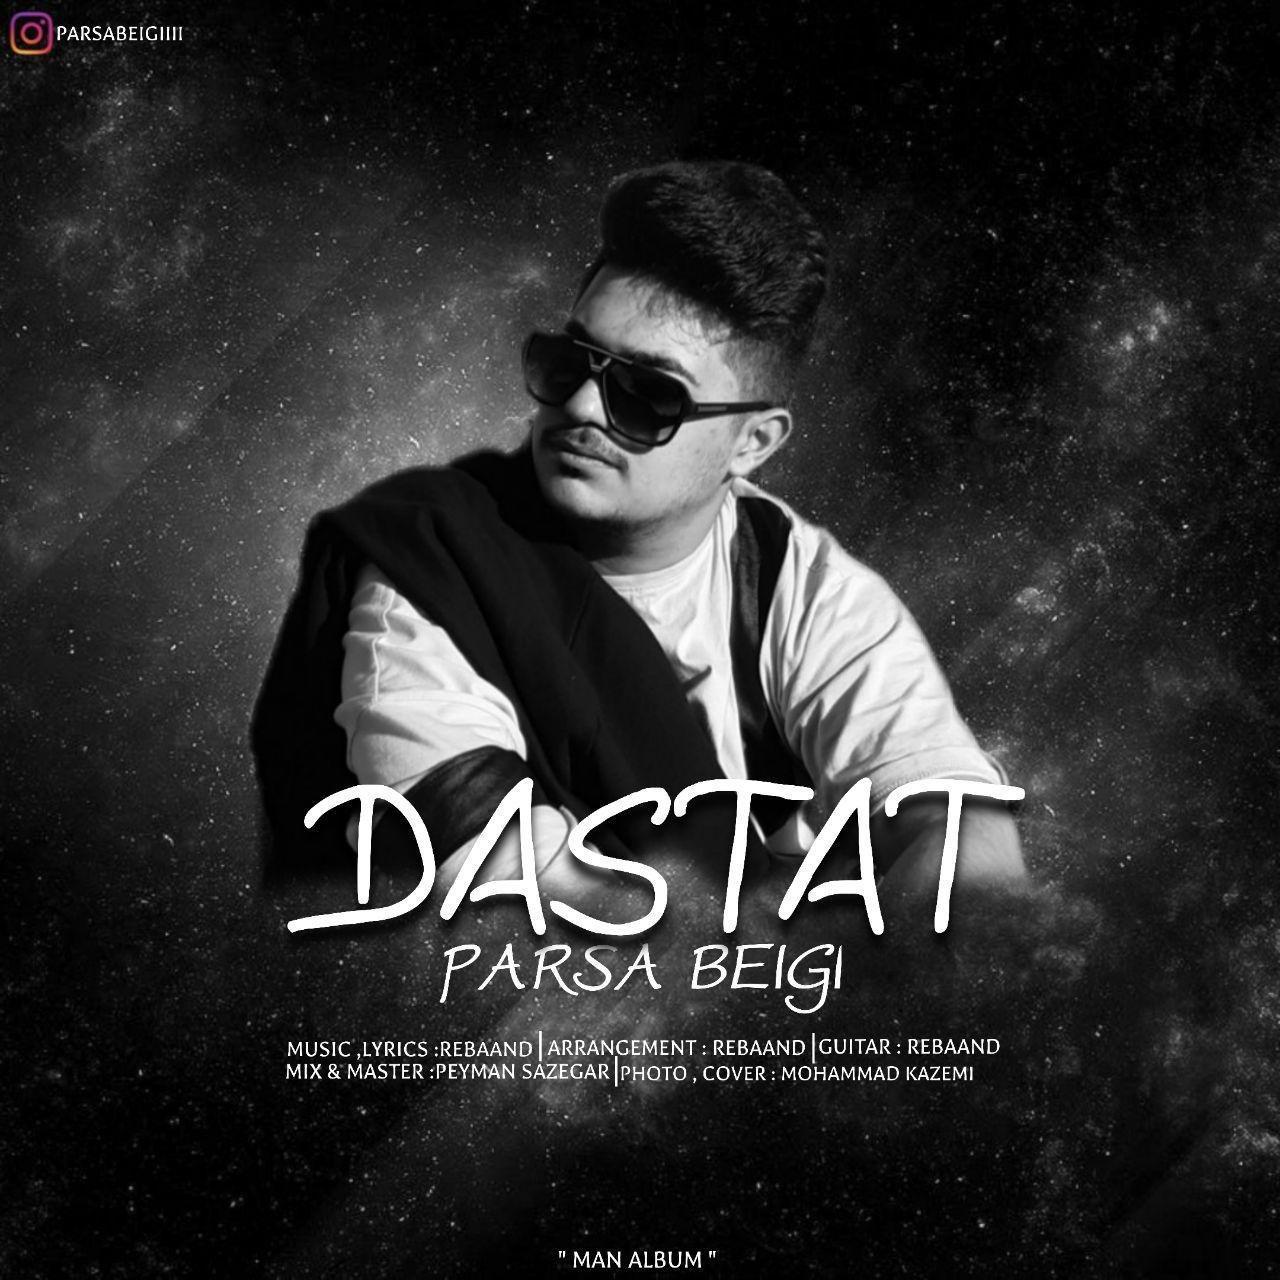 Parsa Beigi – Dastat